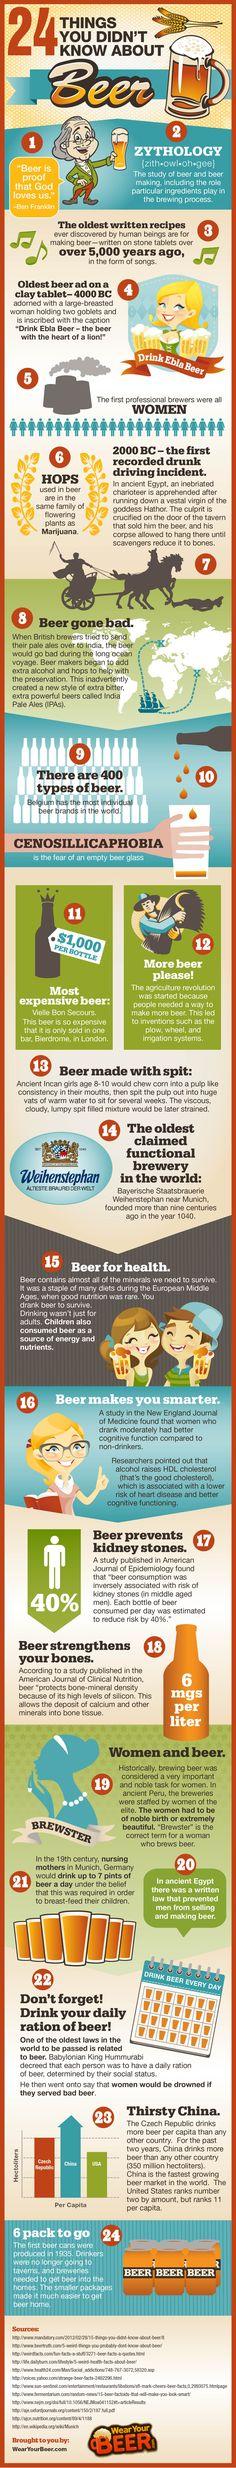 24 coisas sobre a cerveja que você não sabia.